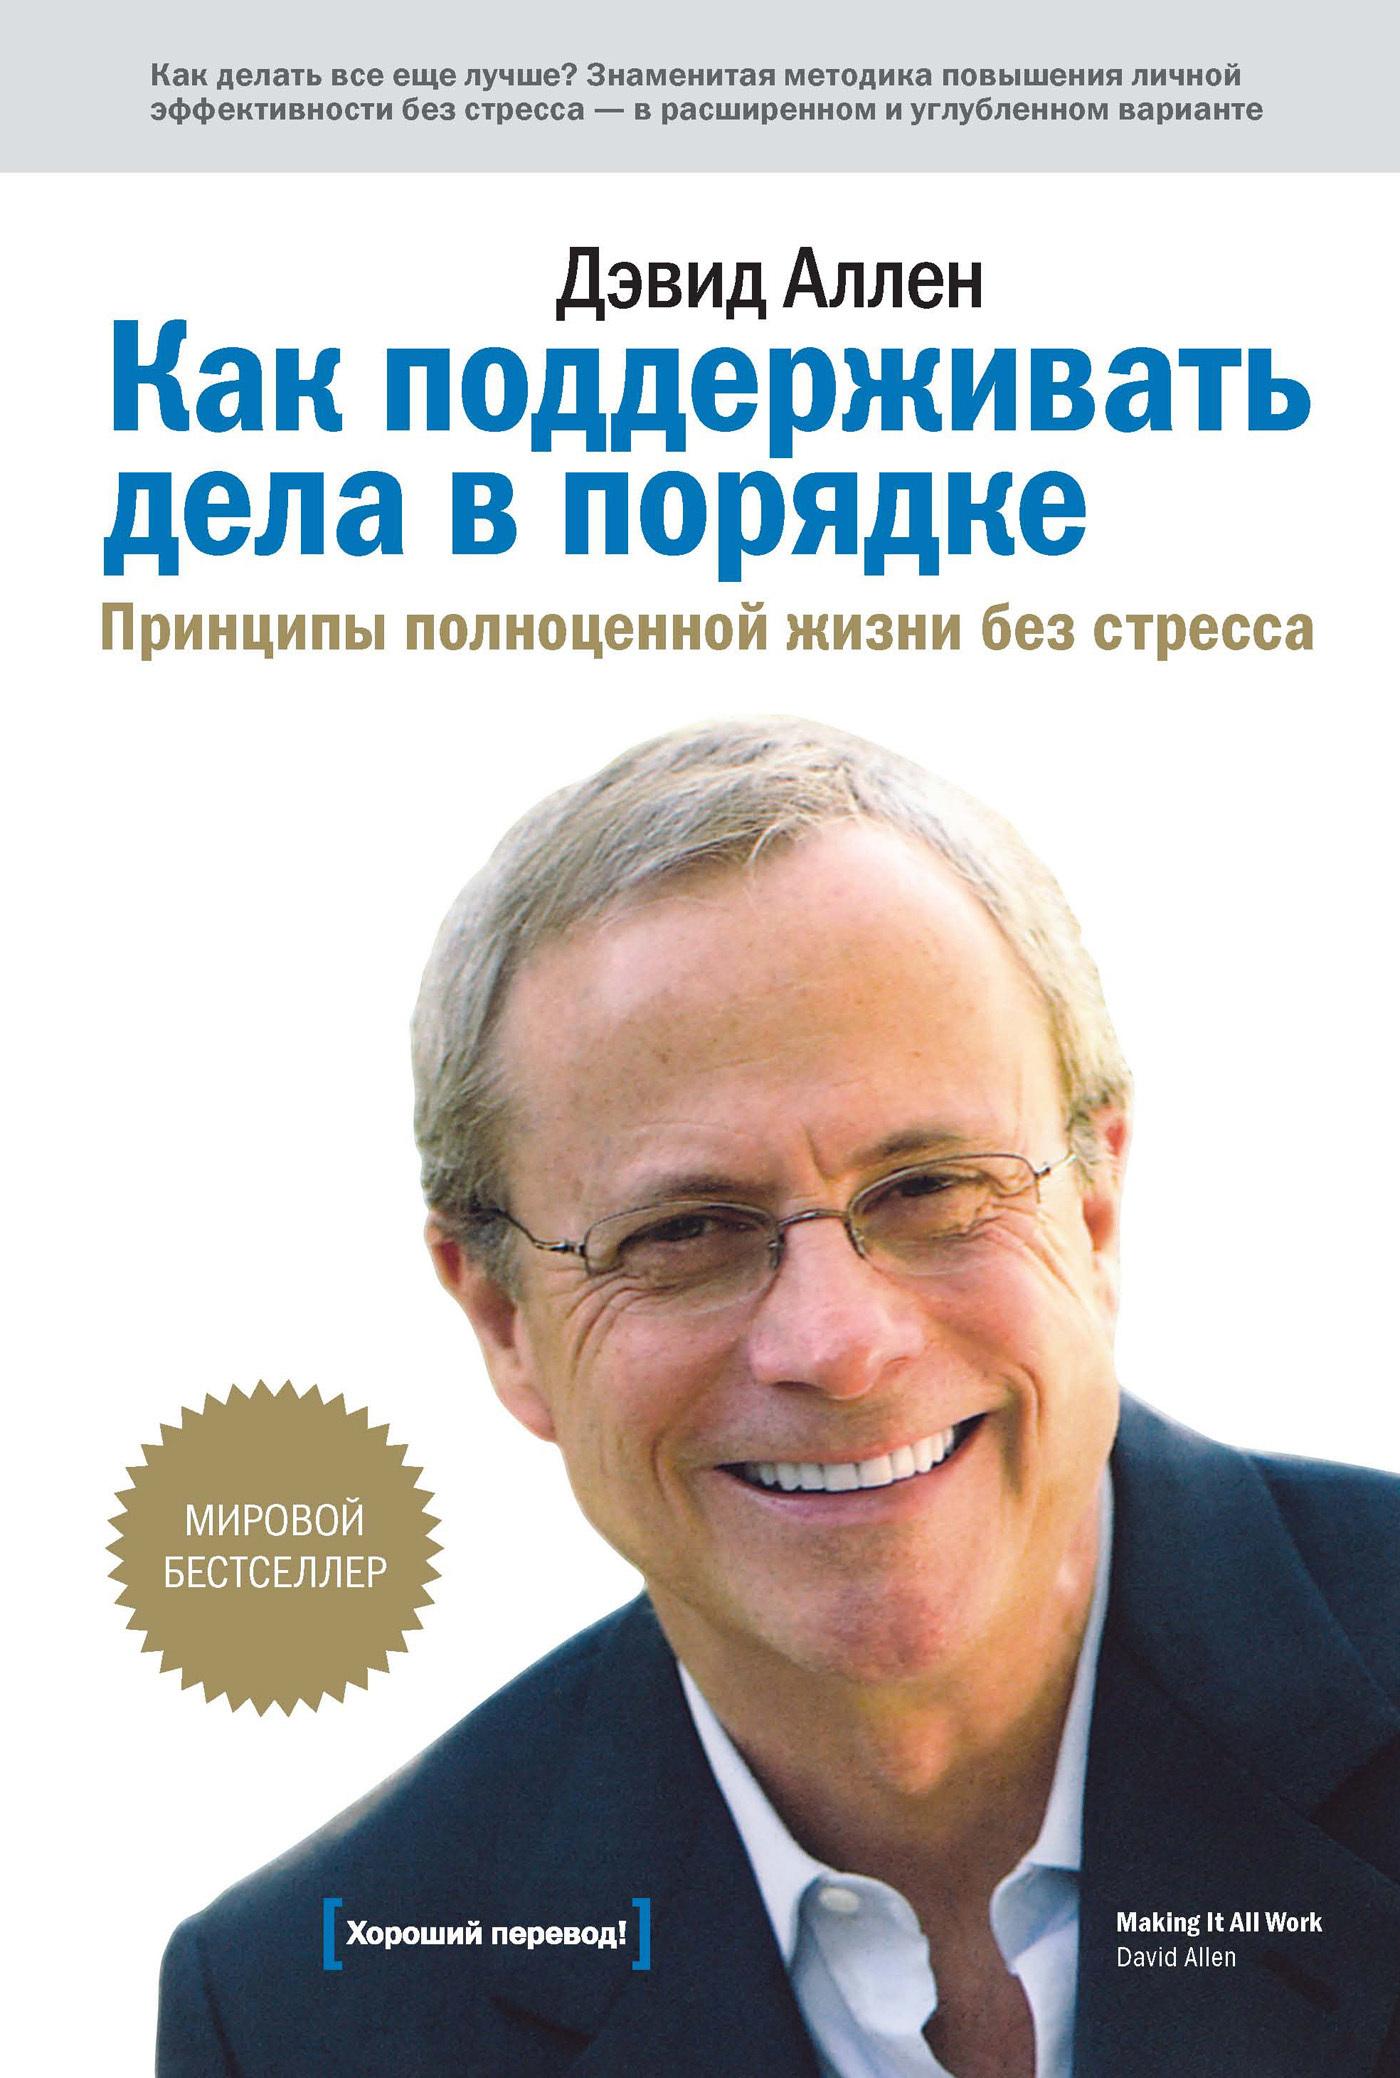 Книга Как поддерживать дела в порядке. Принципы полноценной жизни без стресса